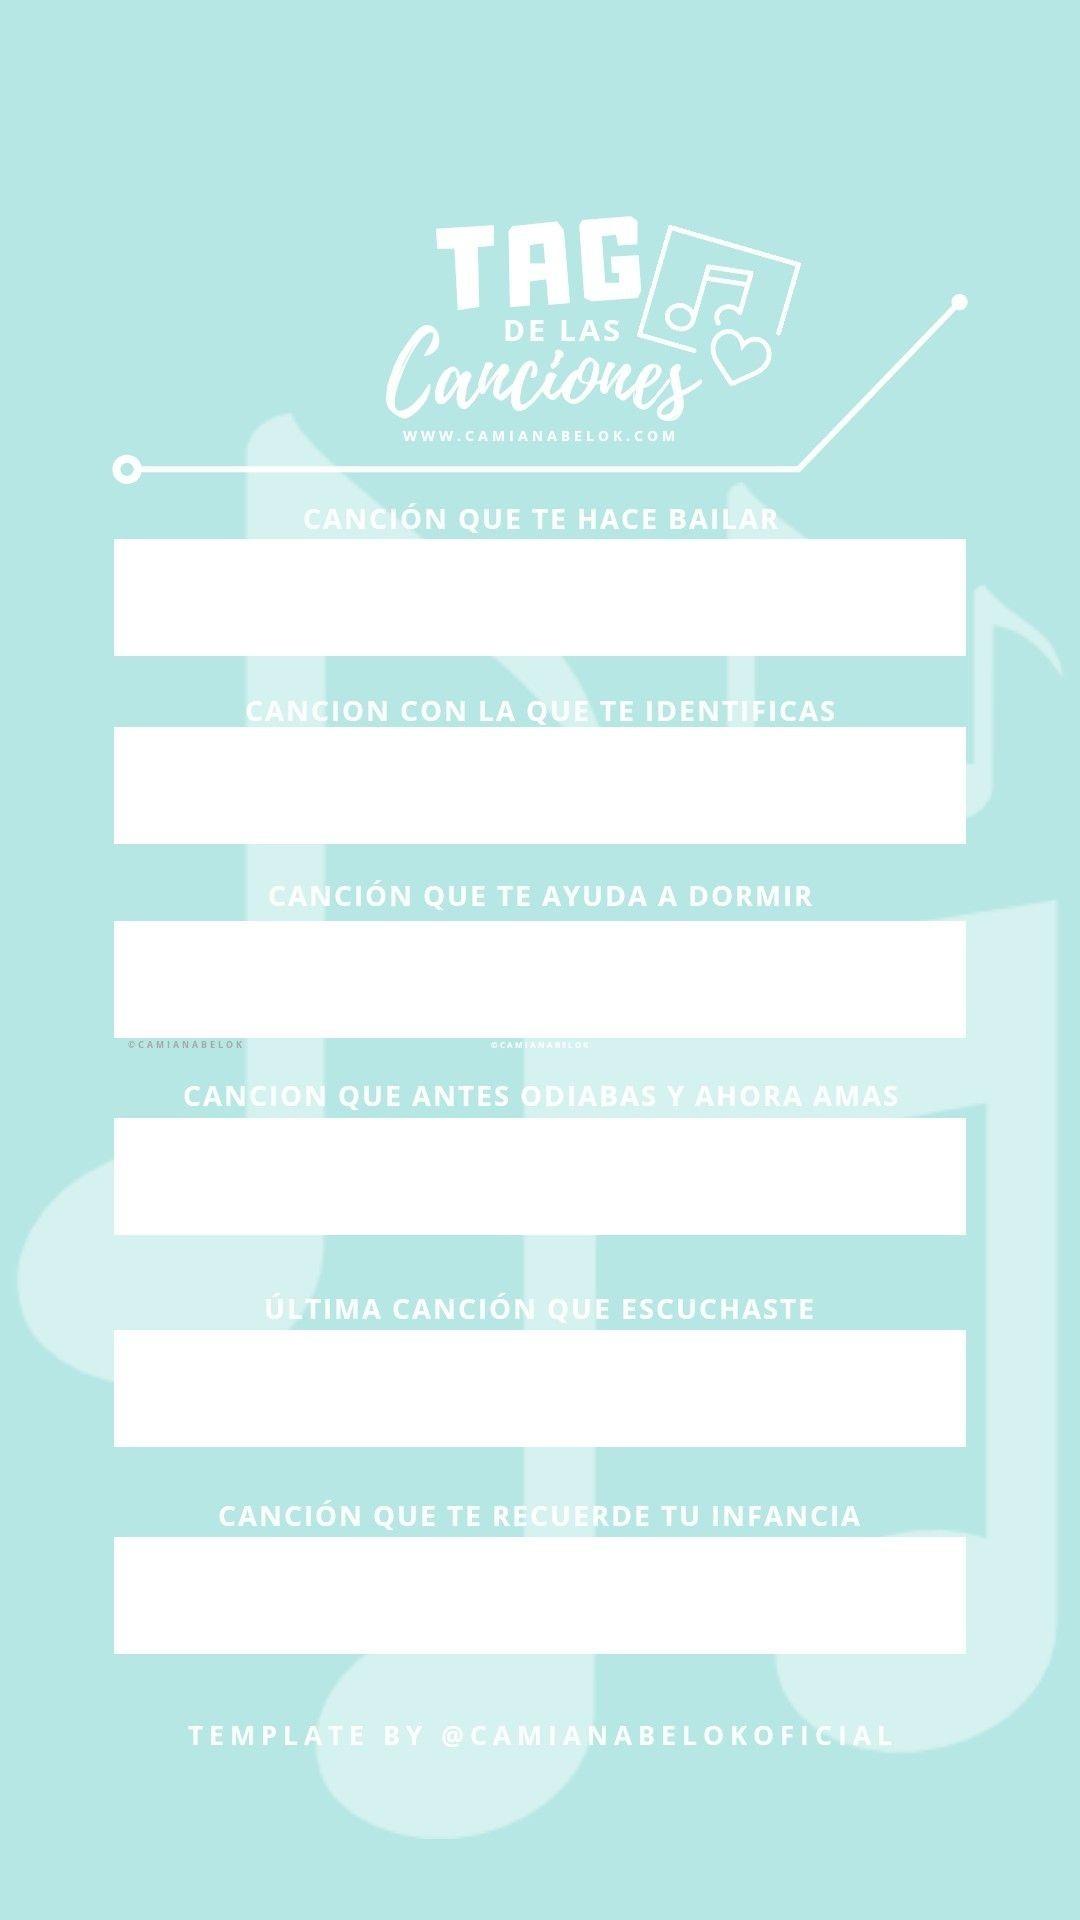 Imprimir Calendario Semestral 2017 Más Populares Noticias Calendario 2019 Mexico Icial Of Imprimir Calendario Semestral 2017 Más Arriba-a-fecha Calendario Ilustrado 2016 Gratis Ilustraciones